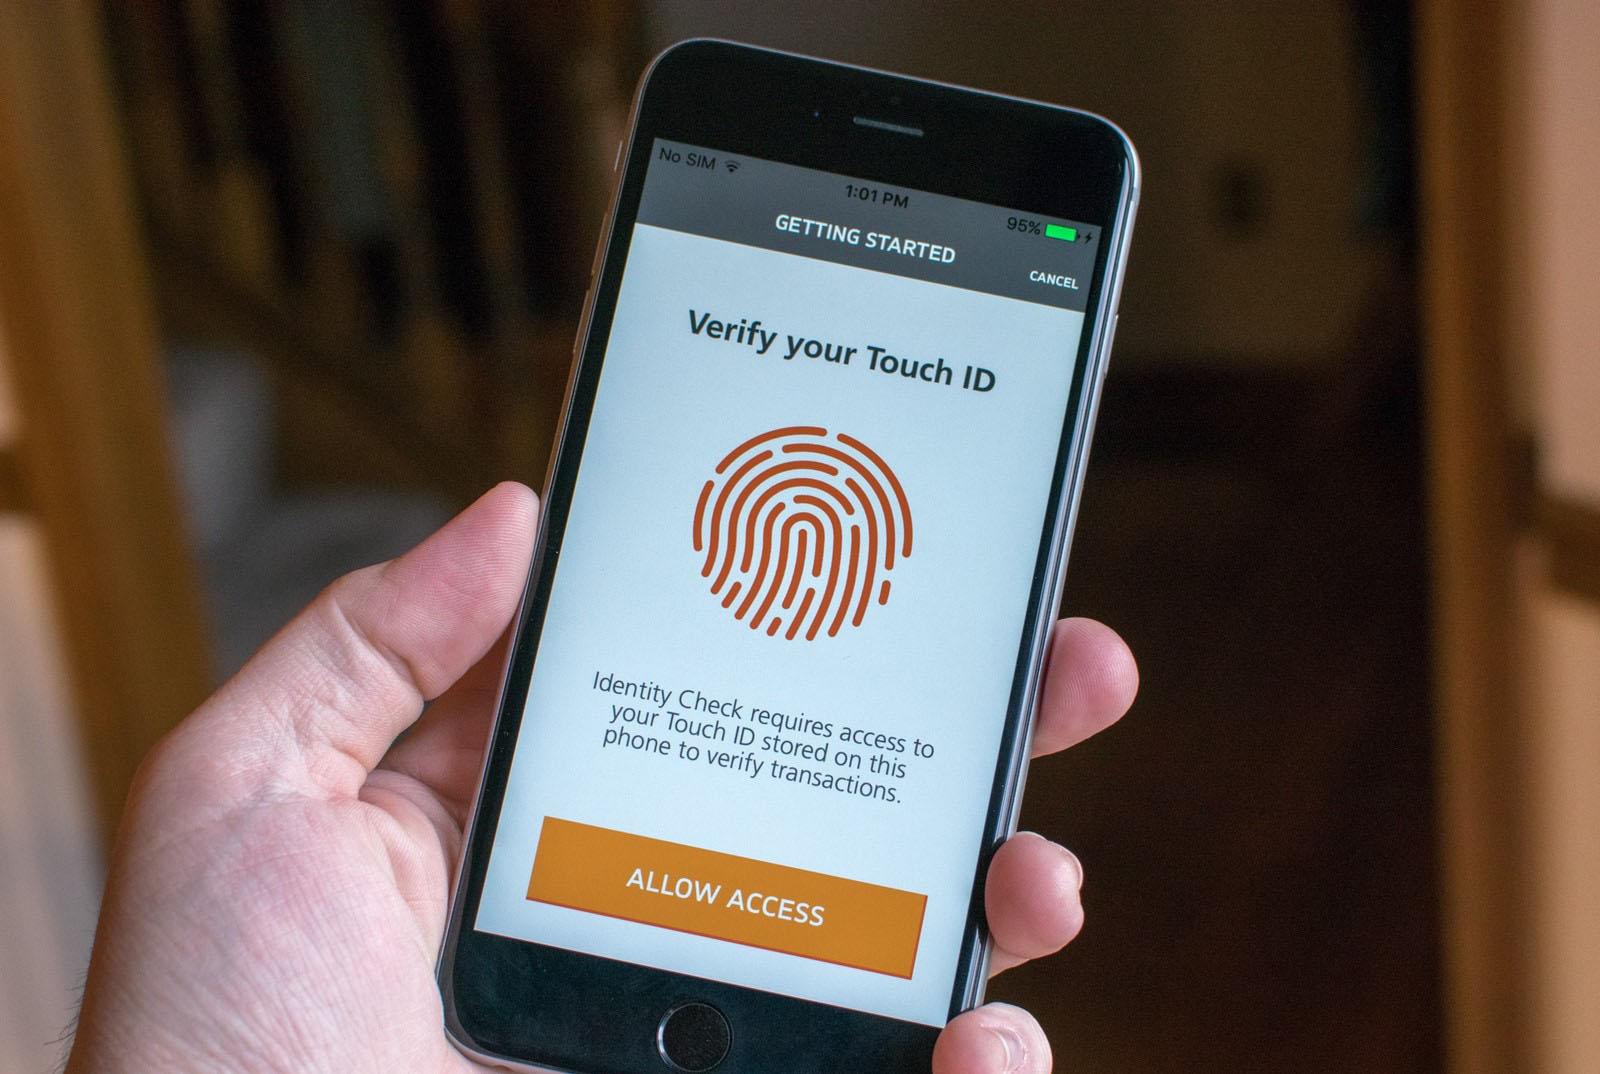 Se trata de una medida que requieren la huella dactilar o reconocimiento facial del usuario por medidas de seguridad en la web